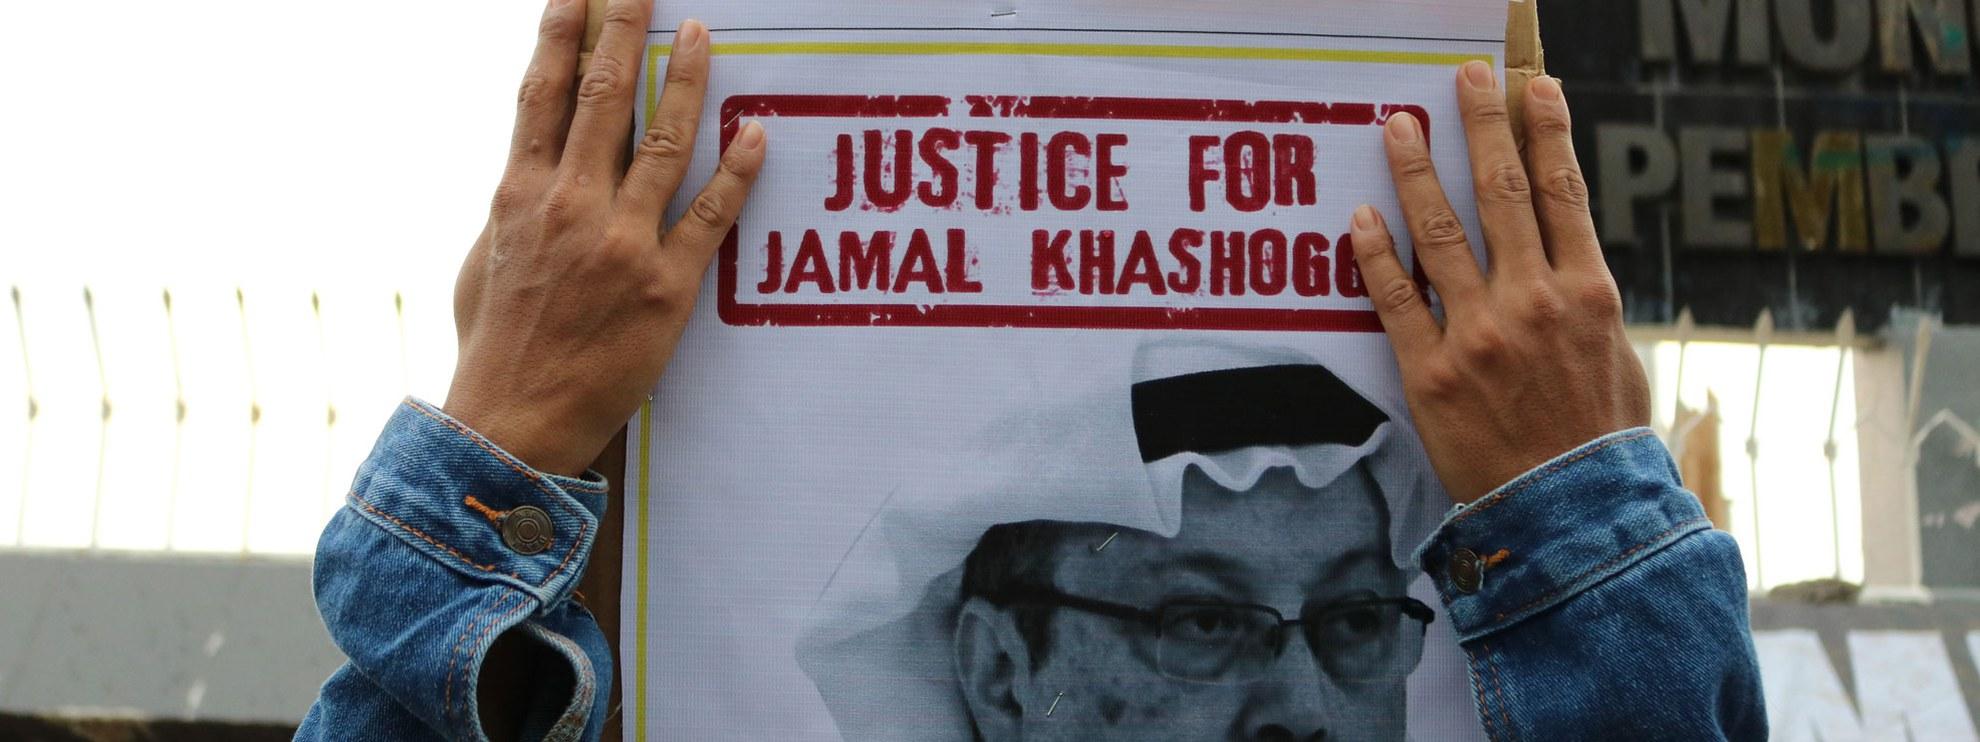 Überall auf der Welt gab es Proteste gegen die brutale Ermordung des saudischen Journalisten Jamal Khashoggi, wie hier in Makassar, Indonesien. © Herwin Bahar / shutterstock.com